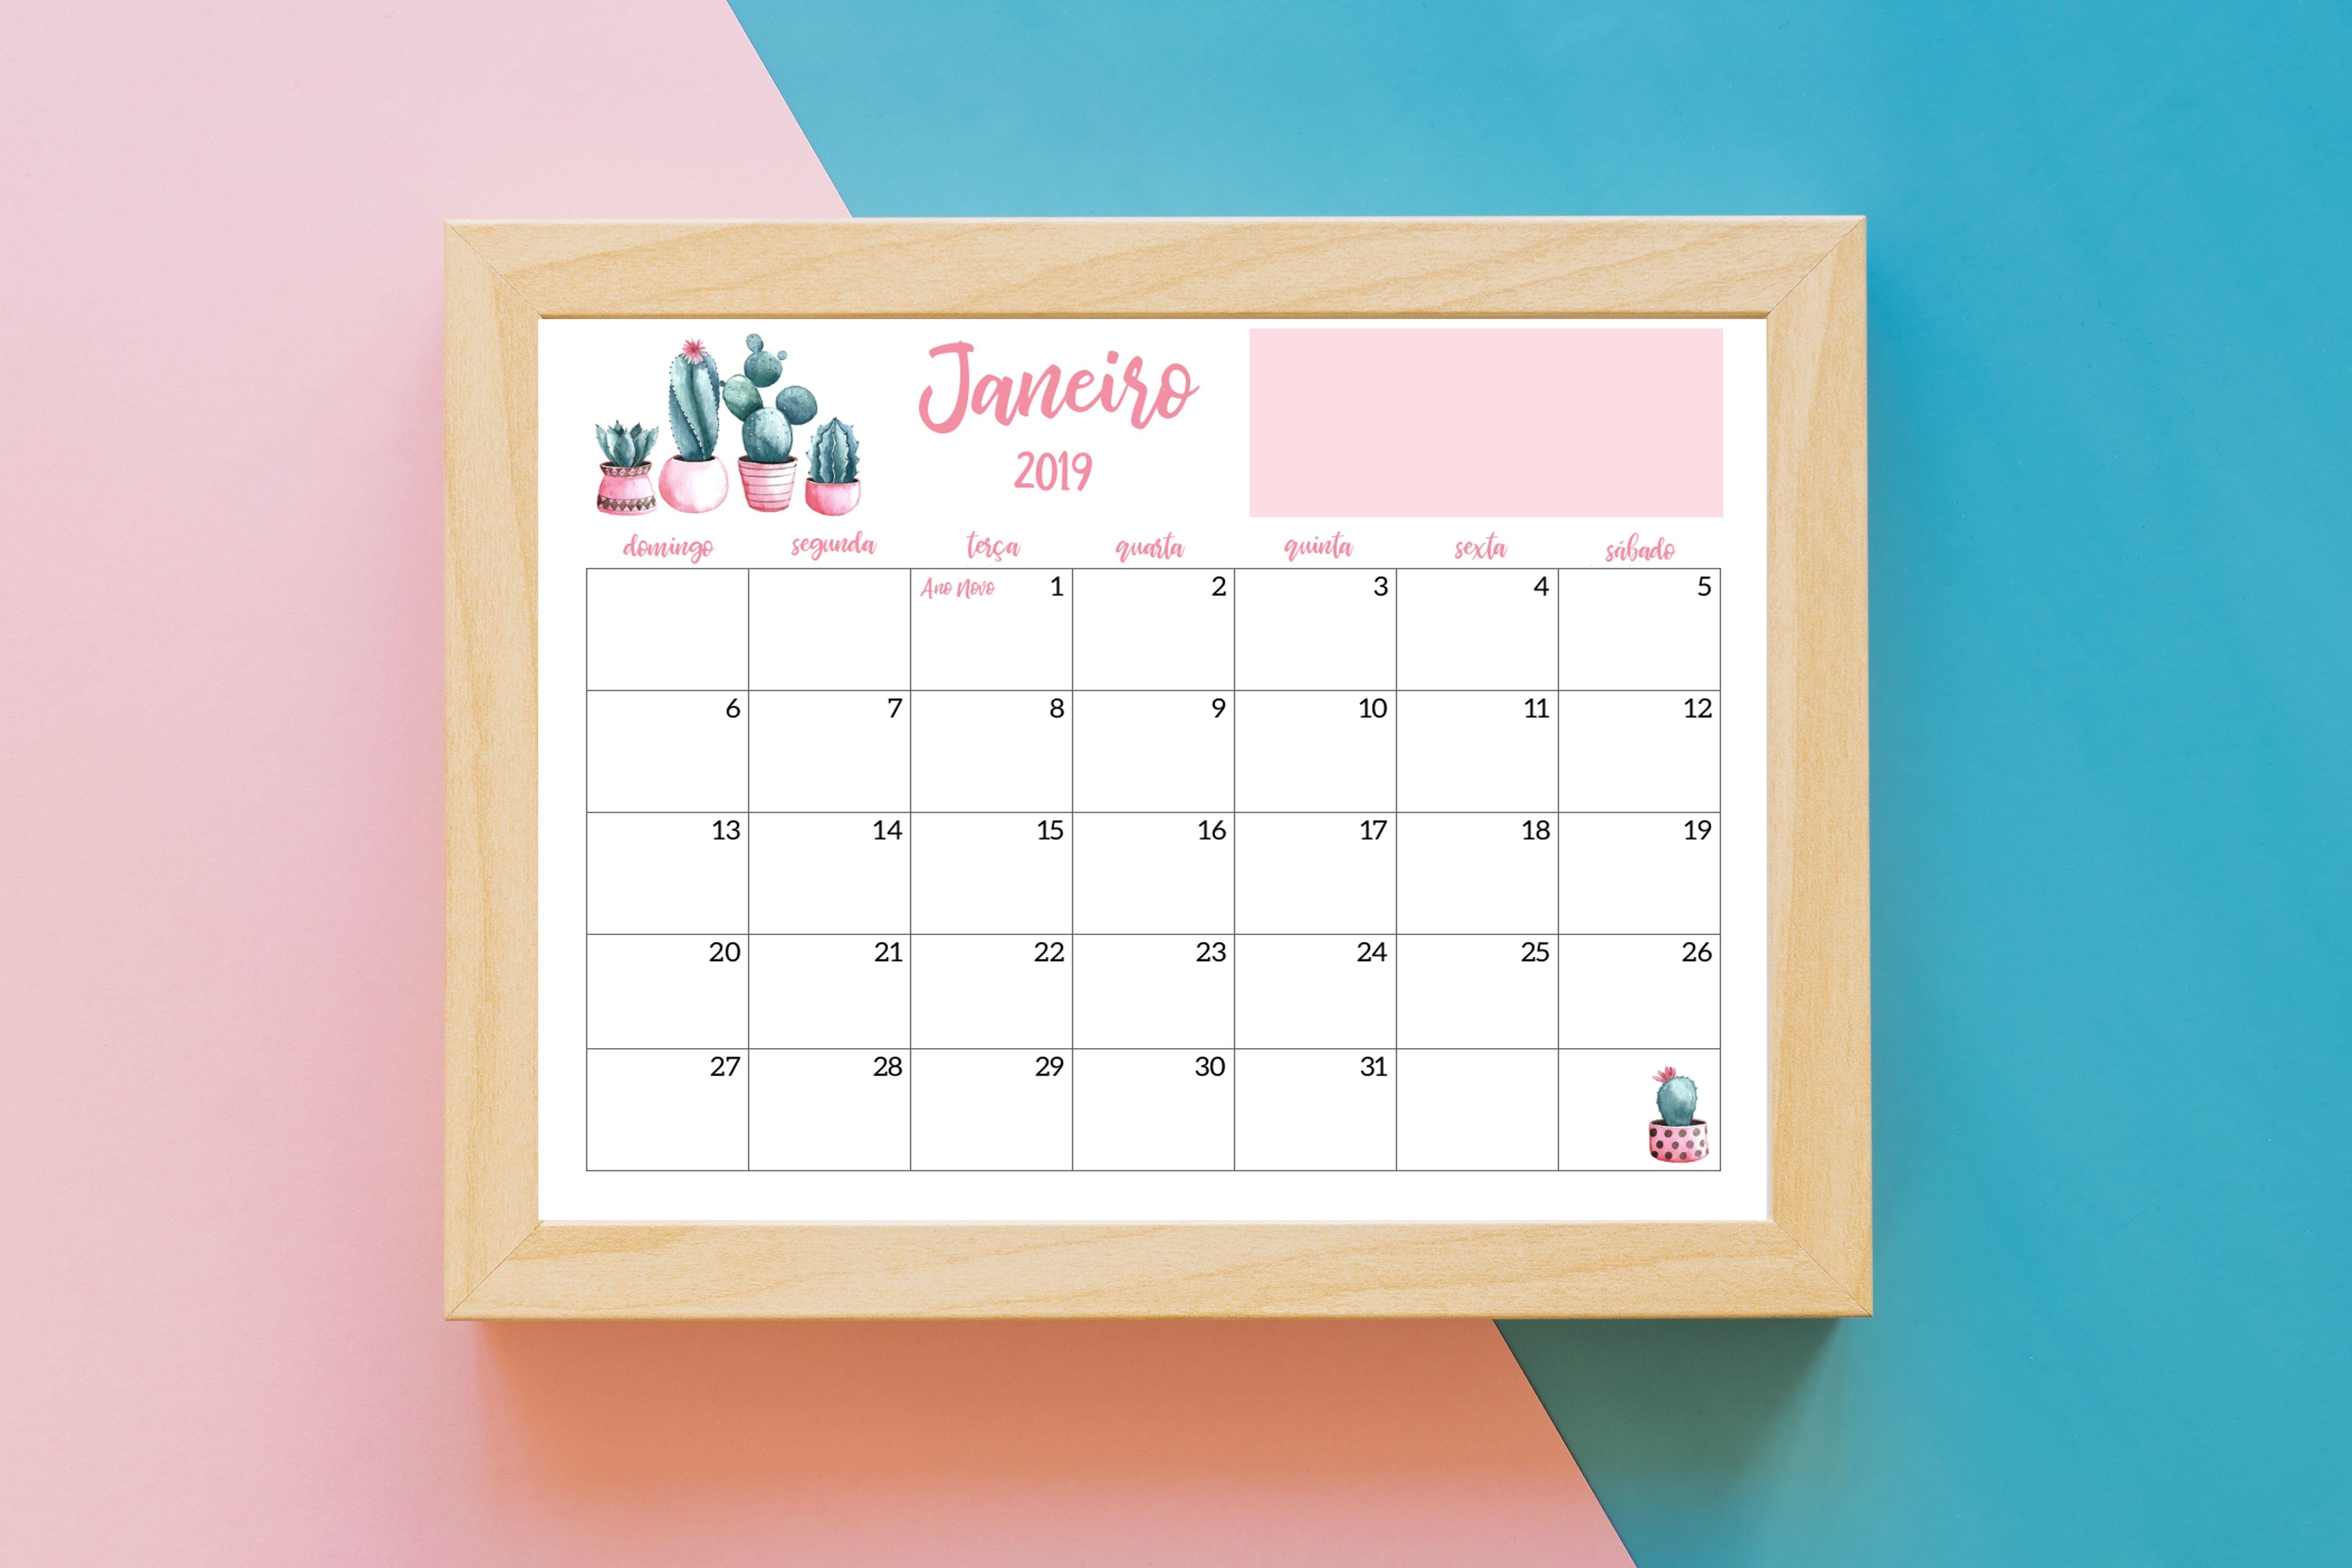 Calendƒ¡rio 2019 Cactos Rosa Pdf Feriados Nacionais datas emorativas organizaƒ§ƒ£o o ƒºltimo trimestre de